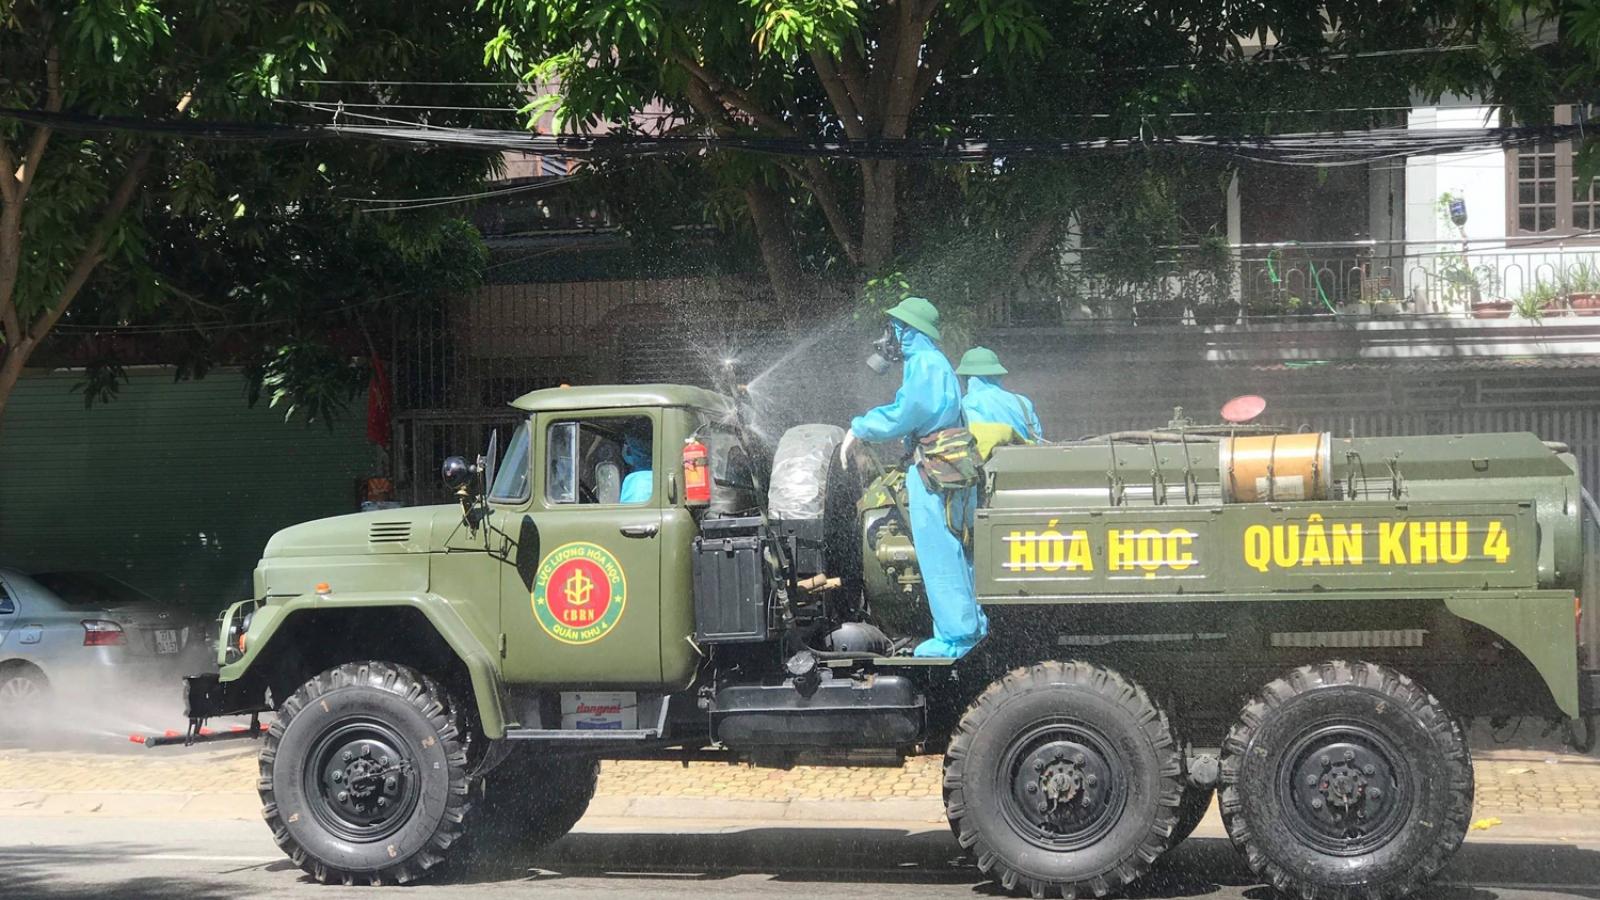 Quân khu 4 điều xe chuyên dụng phung hóa chất khử khuẩn tại TP Vinh